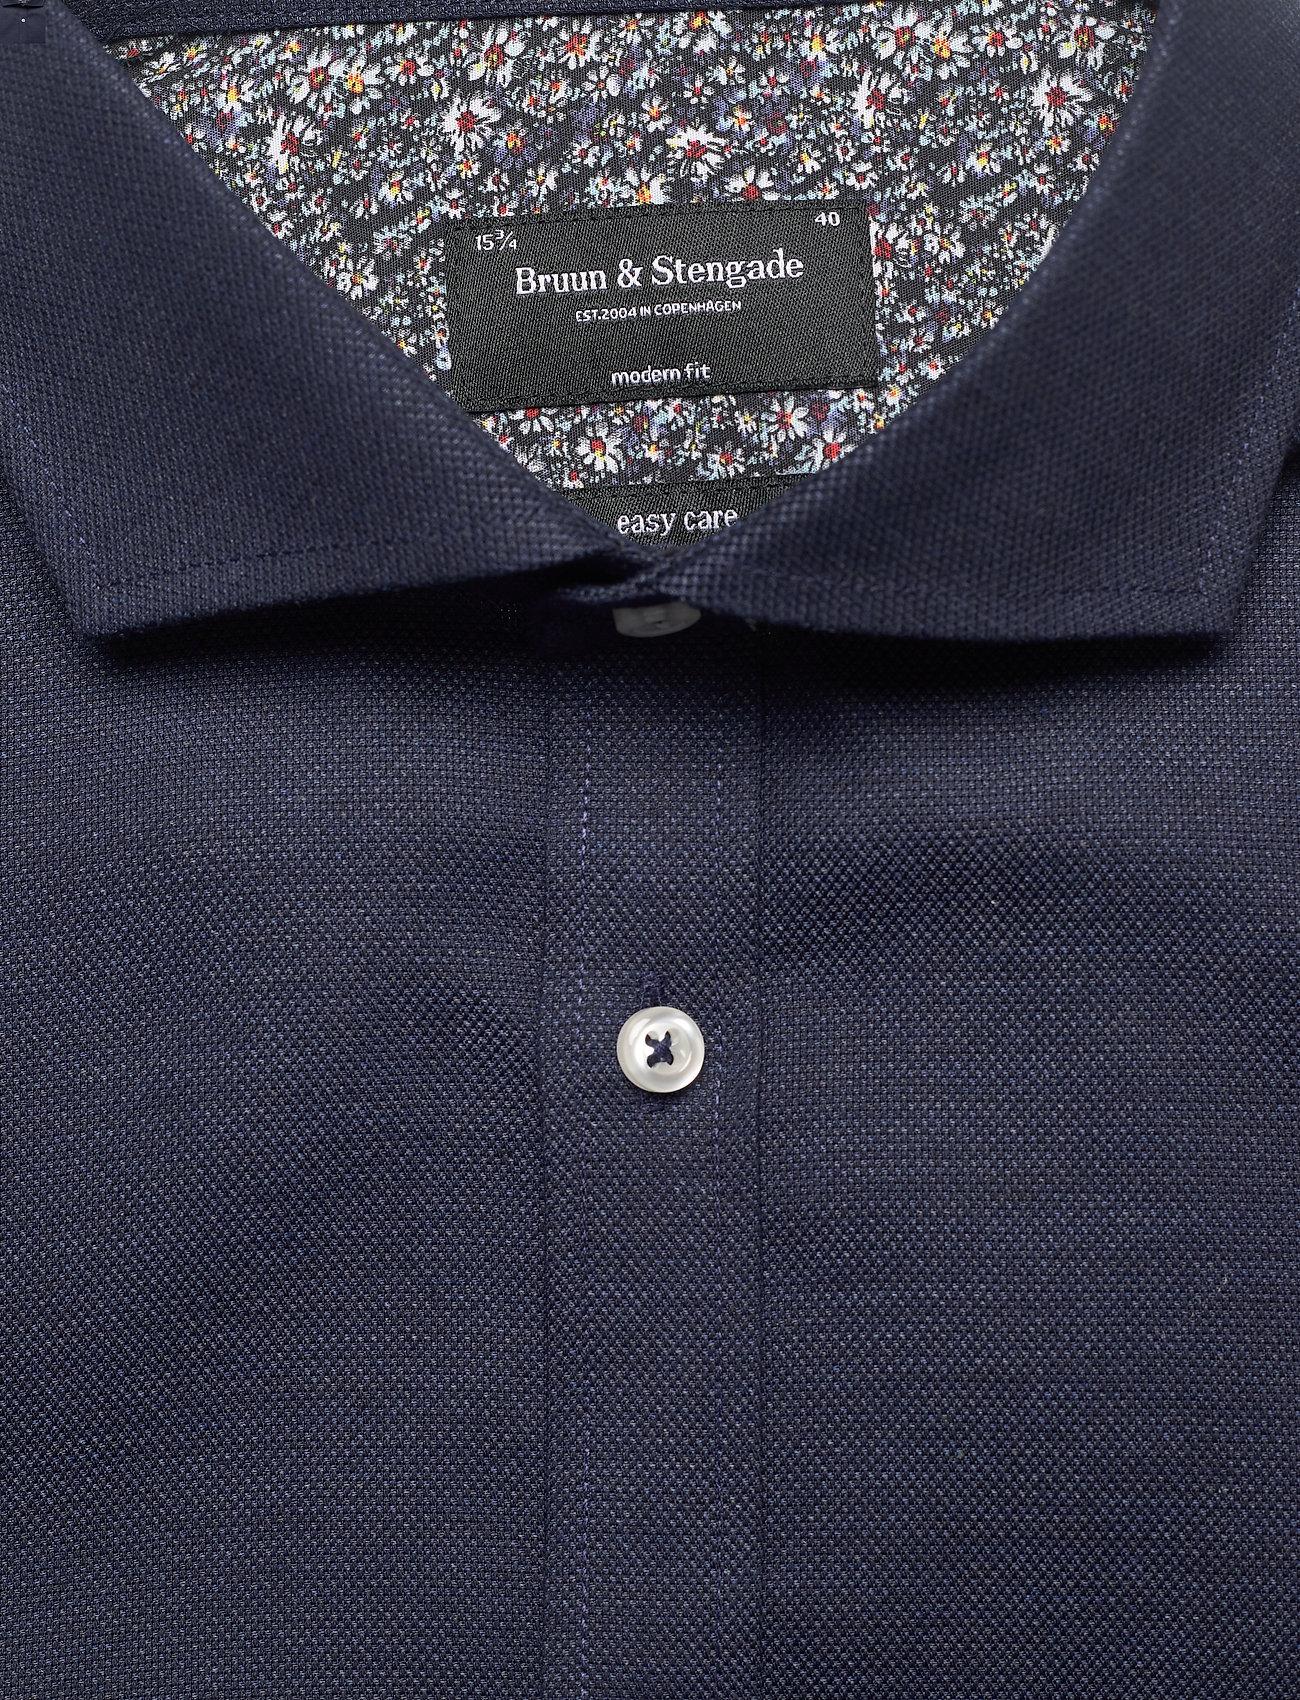 Bruun & Stengade Nelson - Skjorter NAVY - Menn Klær